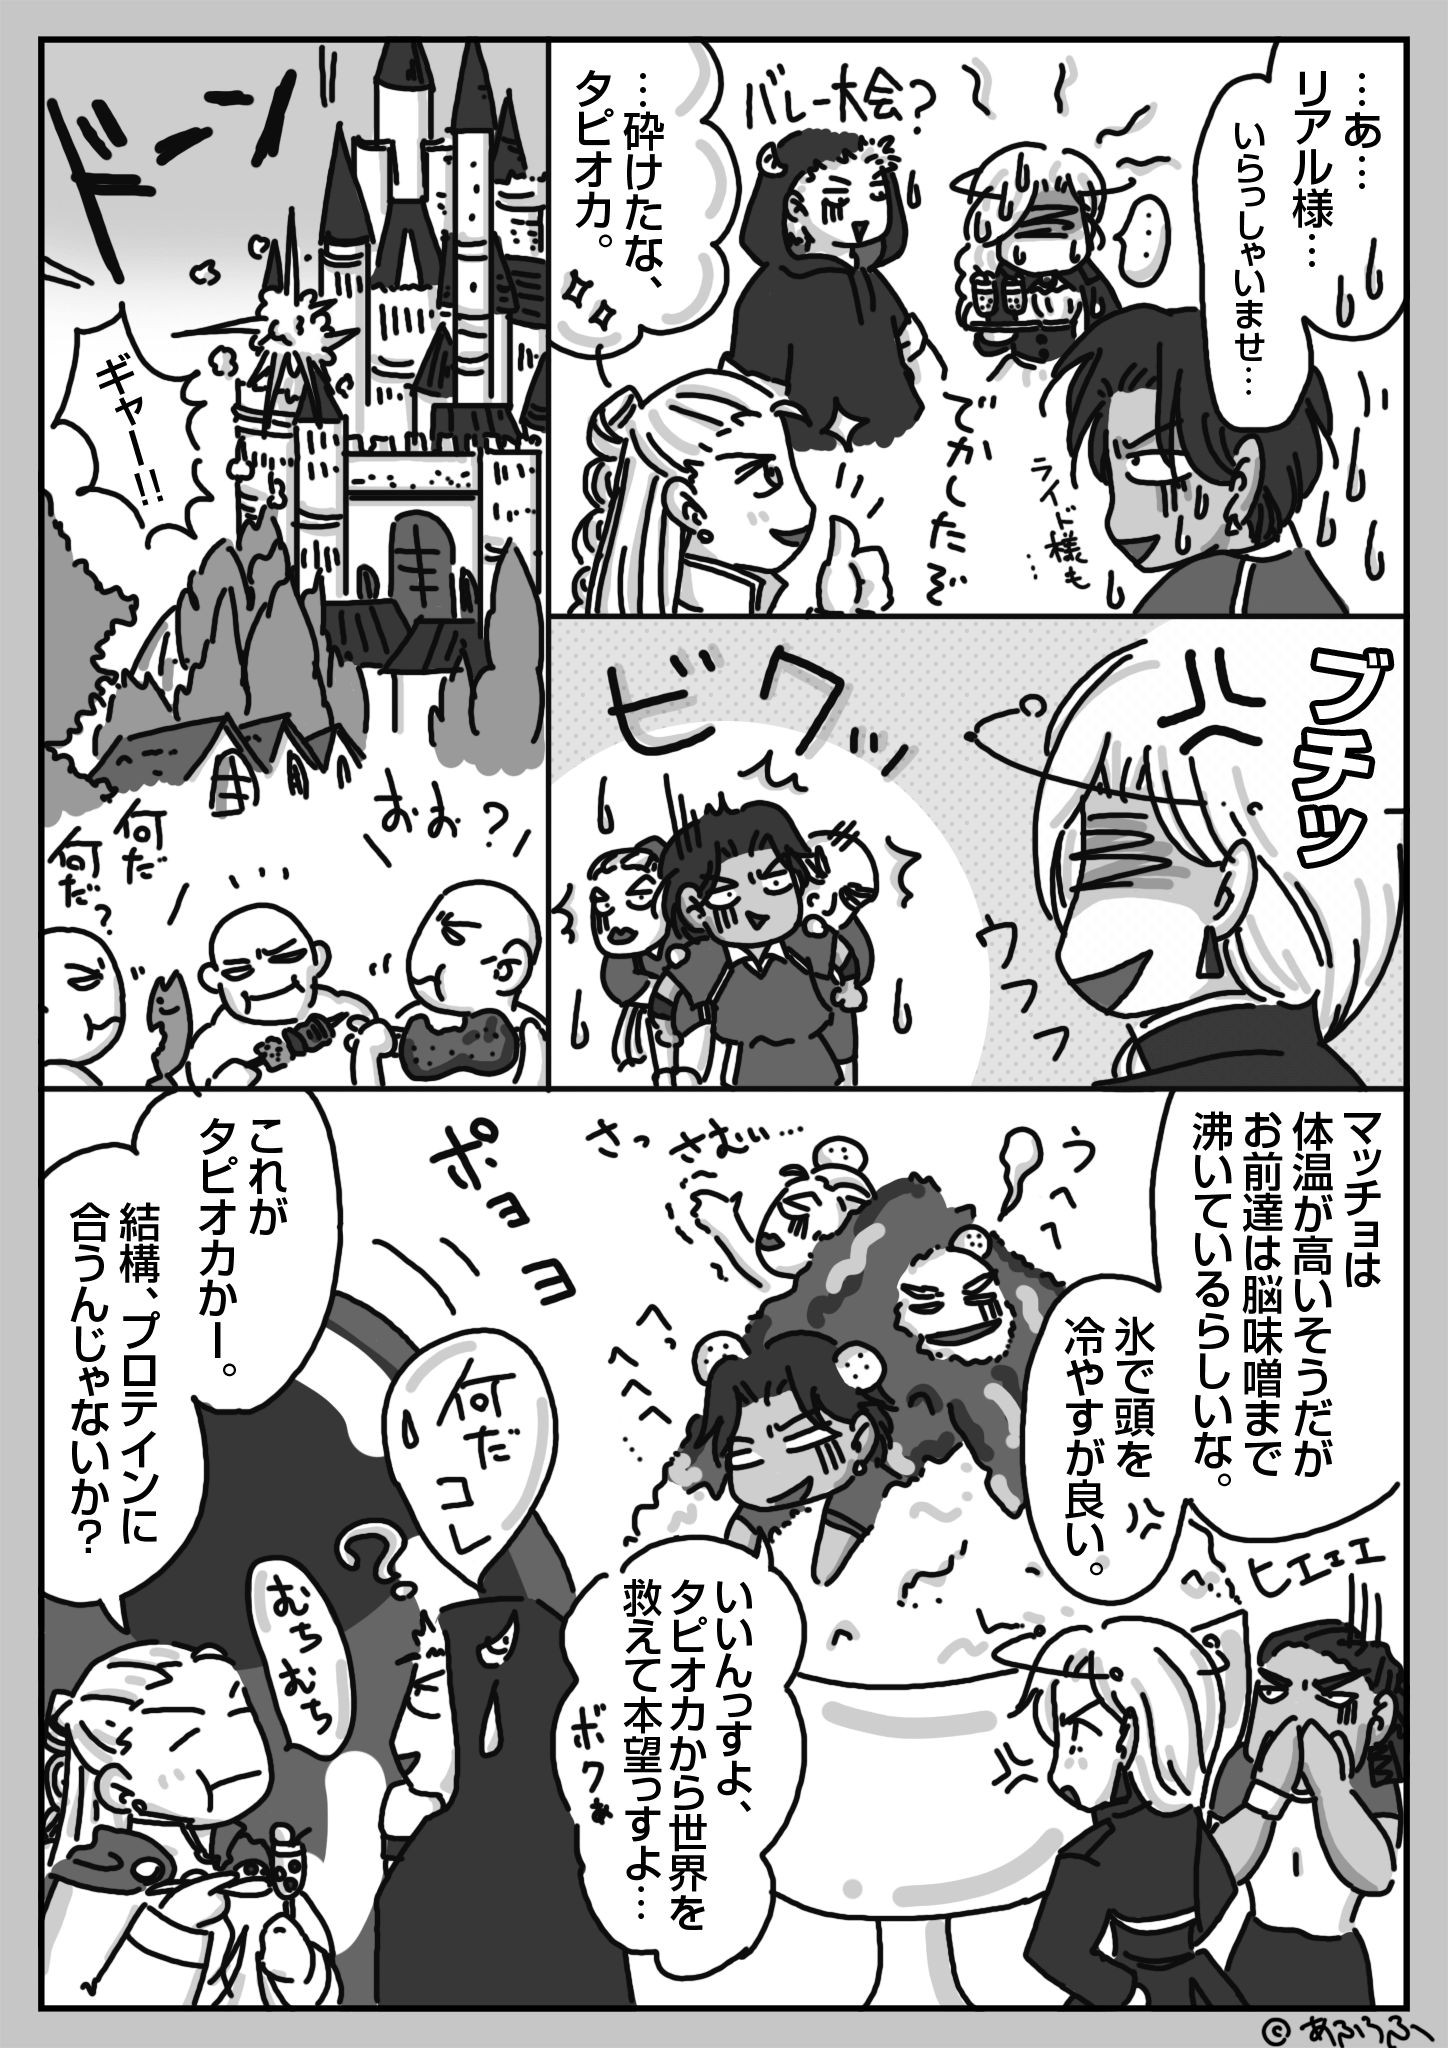 火の魔王とタピオカ入りプロテイン (12)